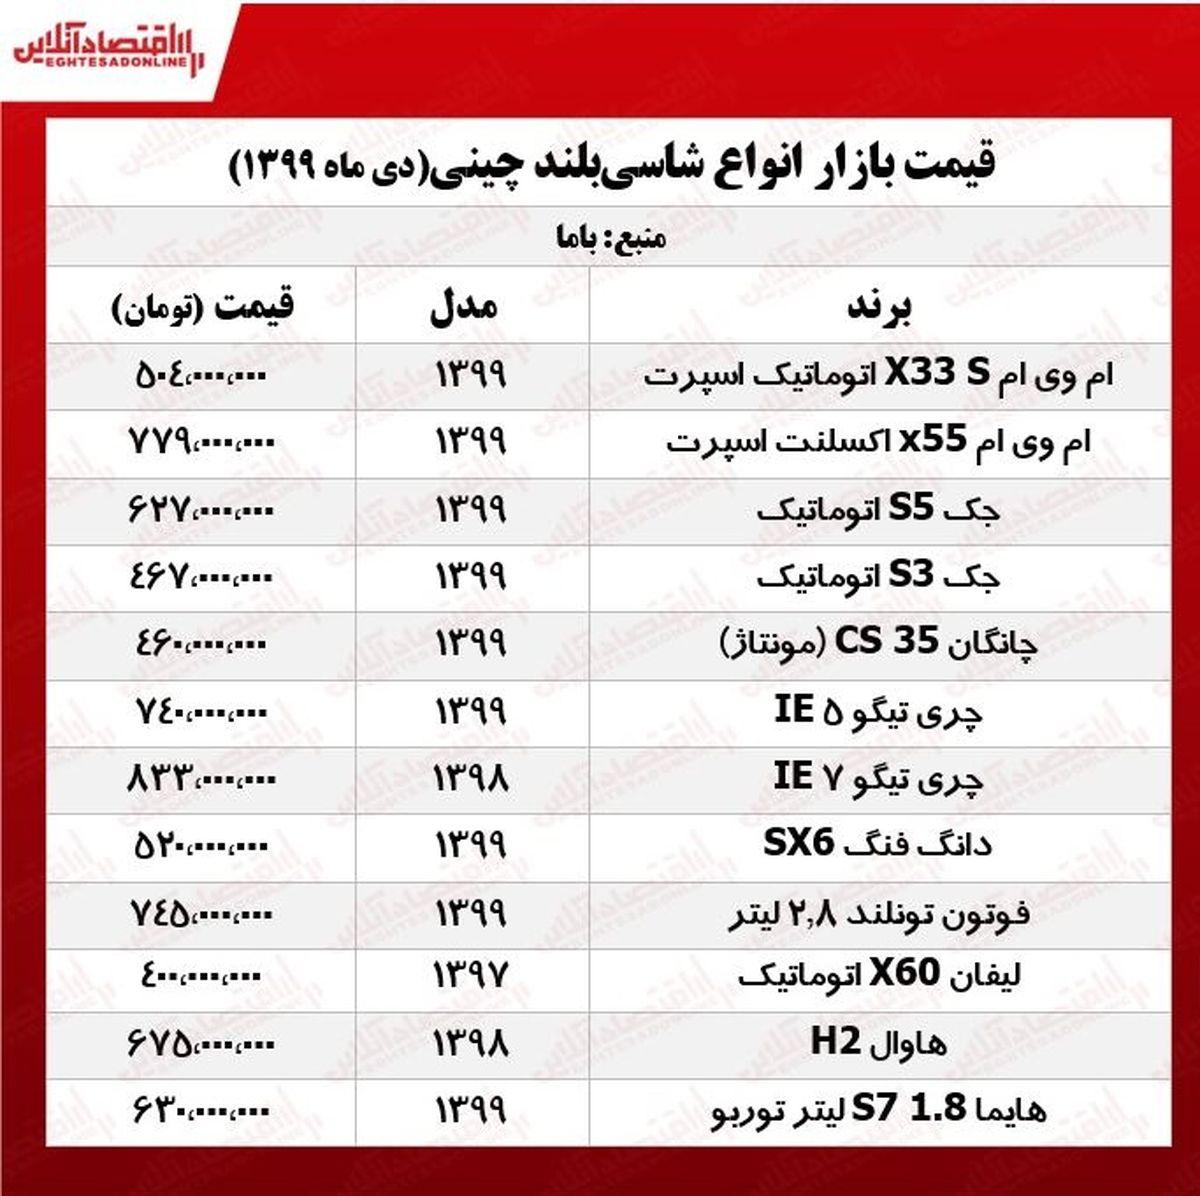 قیمت شاسیبلندهای چینی در بازار تهران +جدول